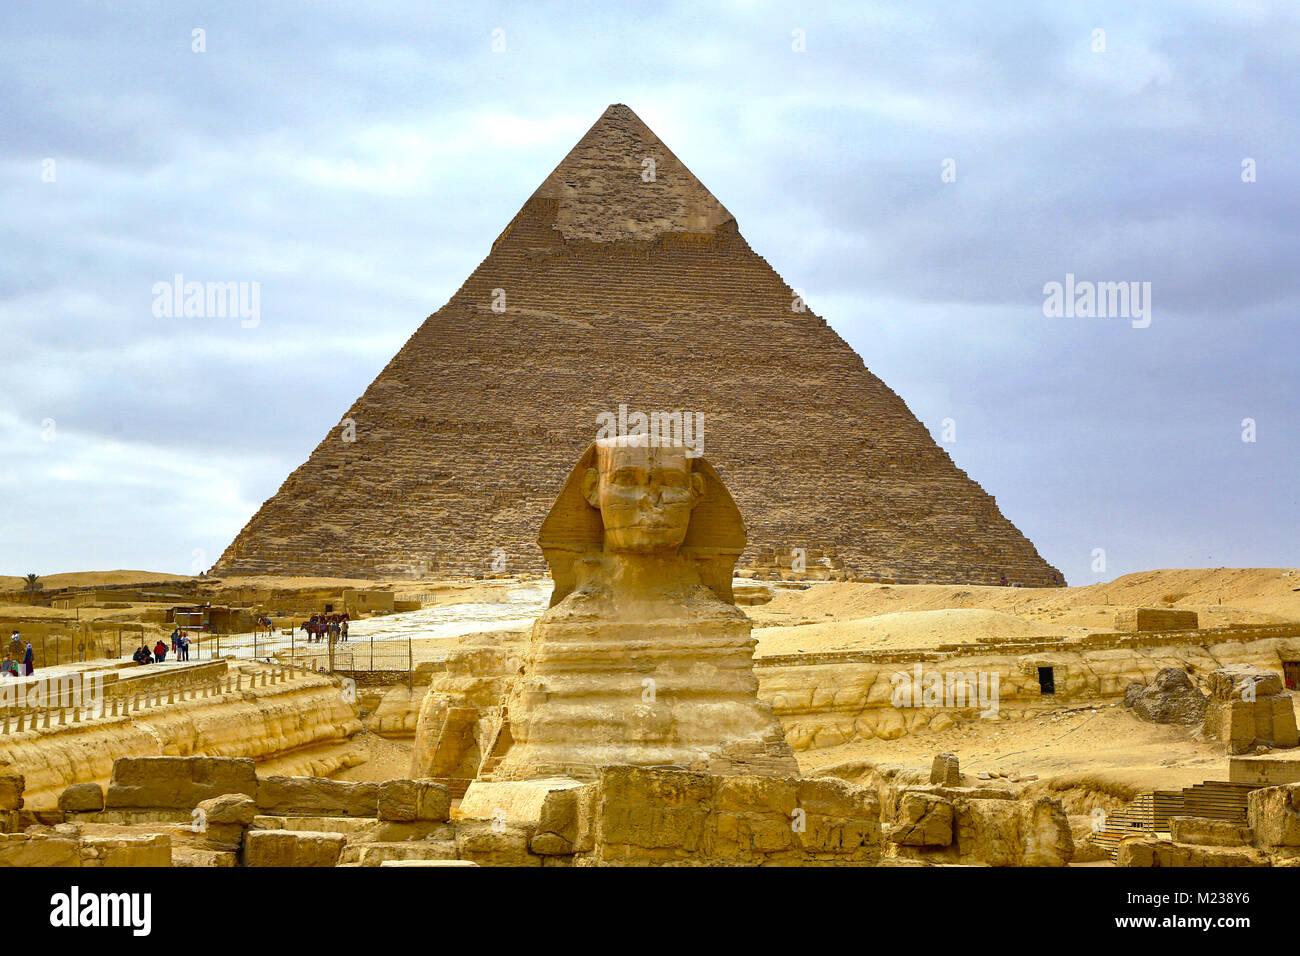 Die Große Sphinx Statue und die Pyramide von khafre auf dem Plateau von Gizeh, Kairo, Ägypten Stockbild